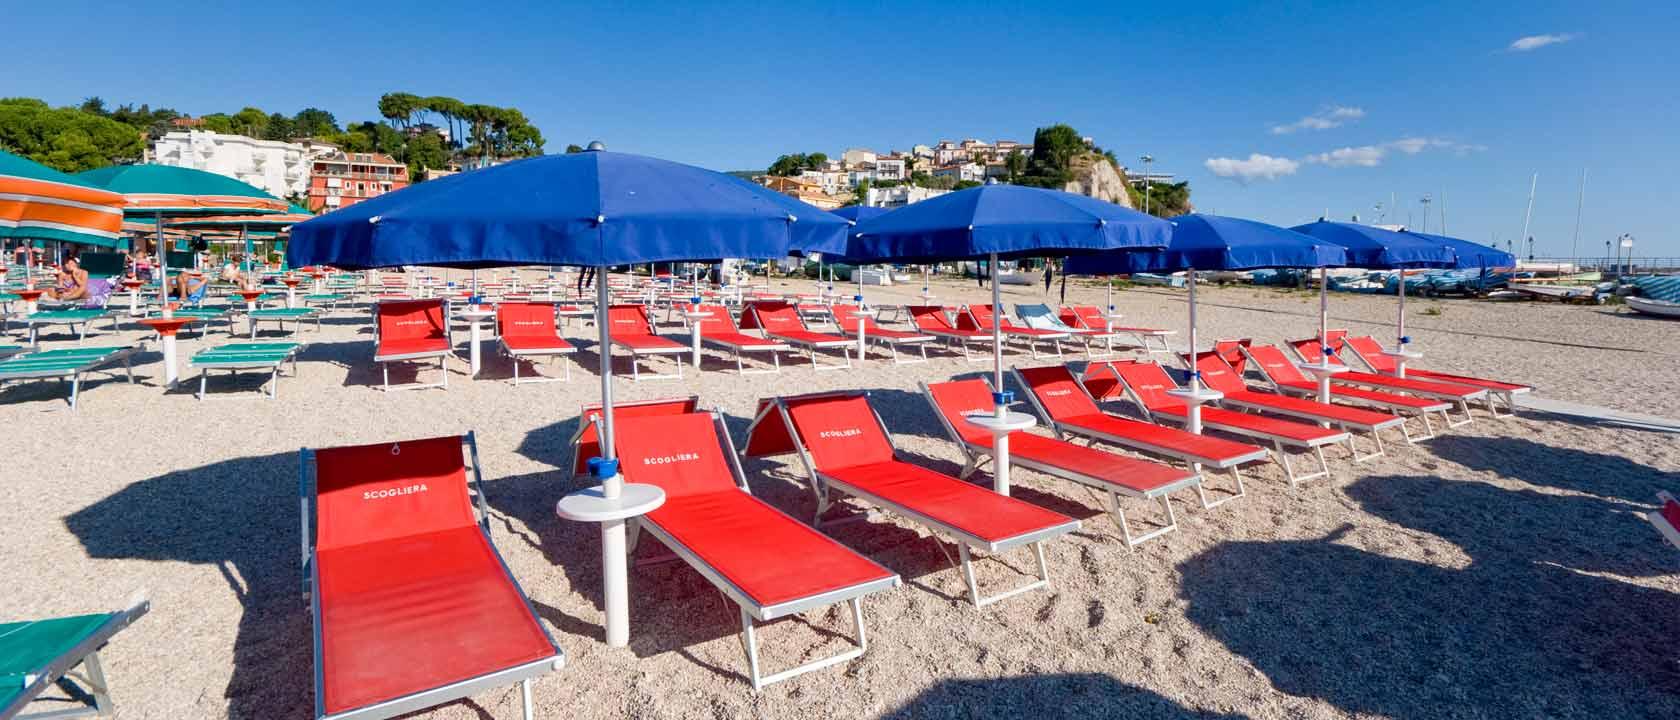 Spiaggia Hotel Scogliera